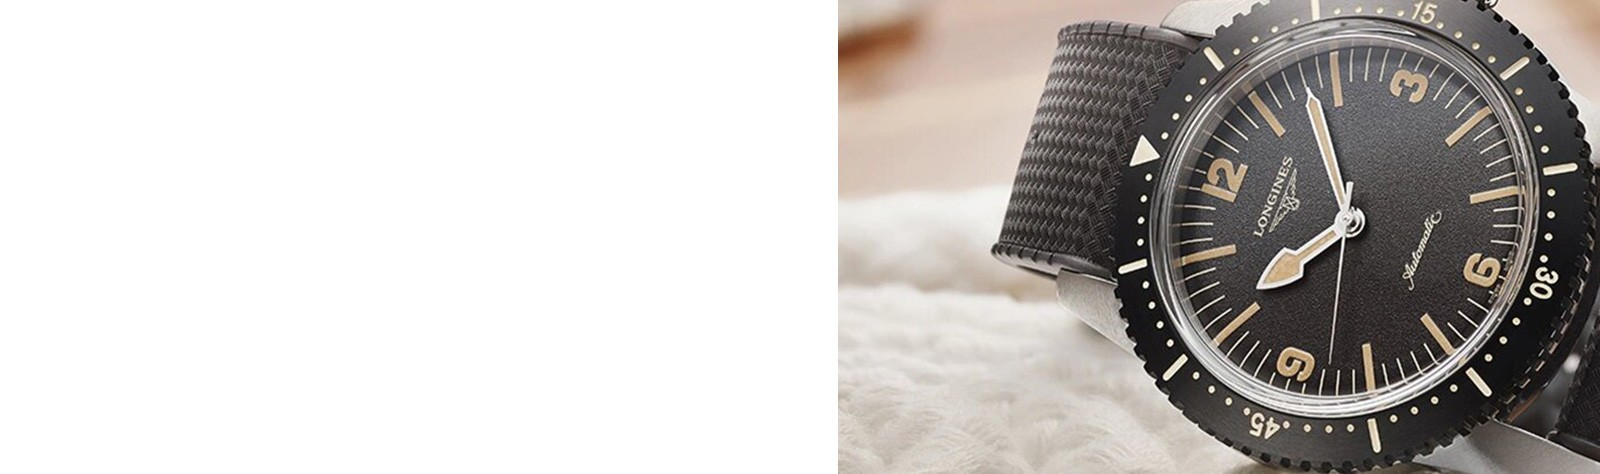 Compra Online Colección Skin Watch de Longines | Santamaría Joyeros